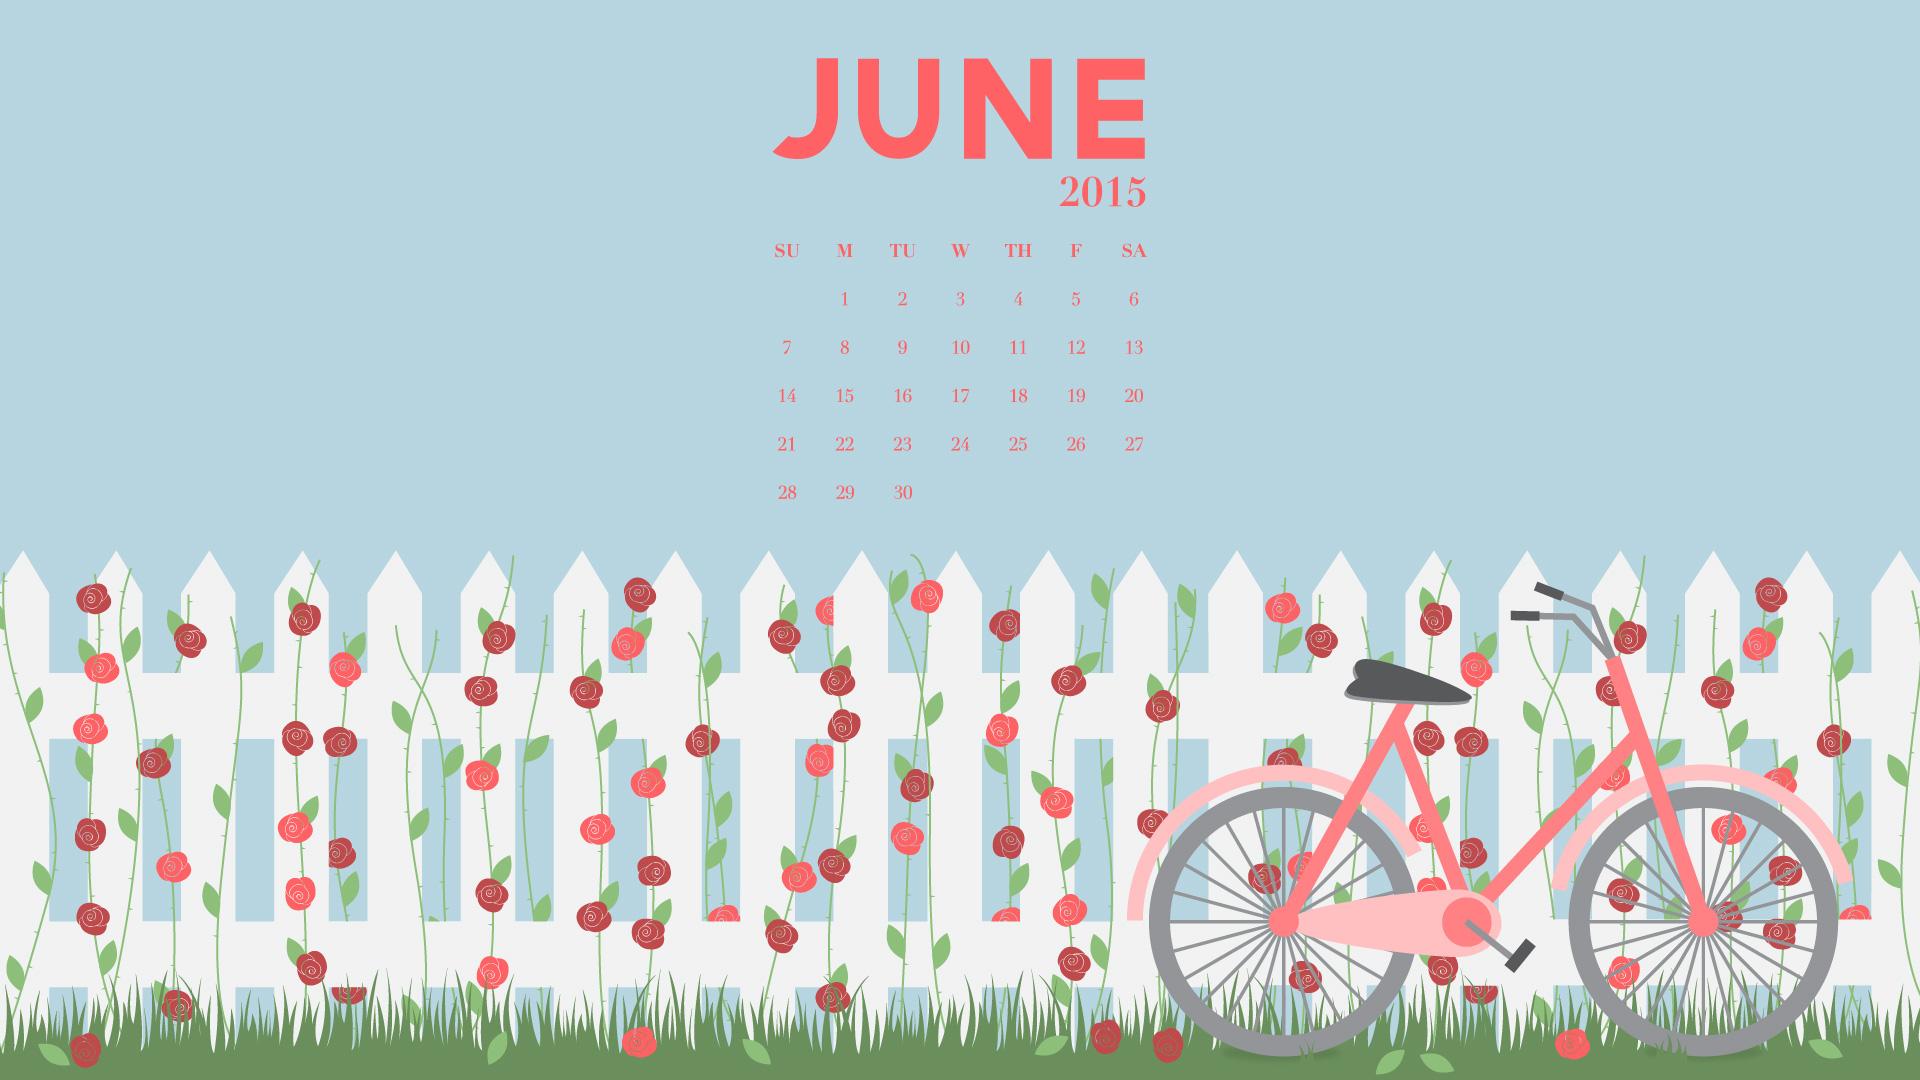 June 2015 Calendar Download   Front Door 1920x1080 42482 KB 1920x1080